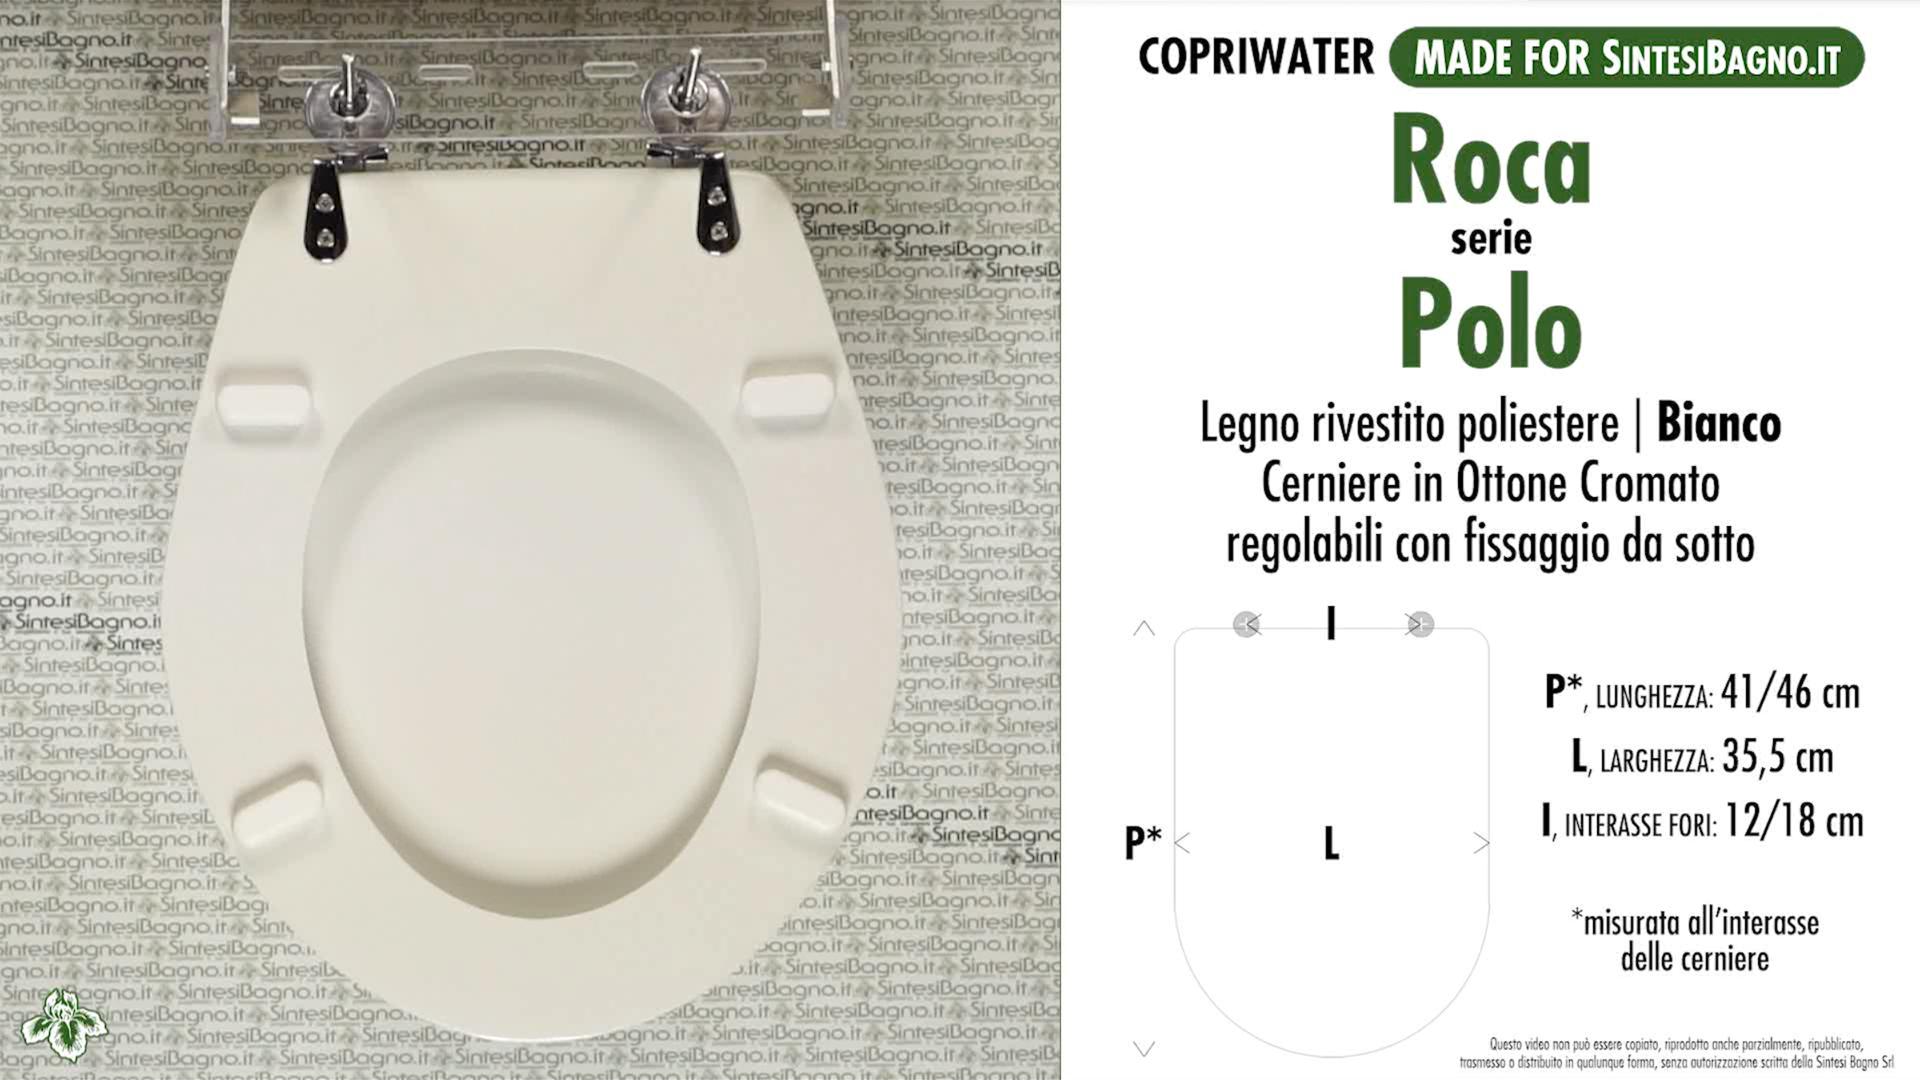 SCHEDA TECNICA MISURE copriwater ROCA POLO